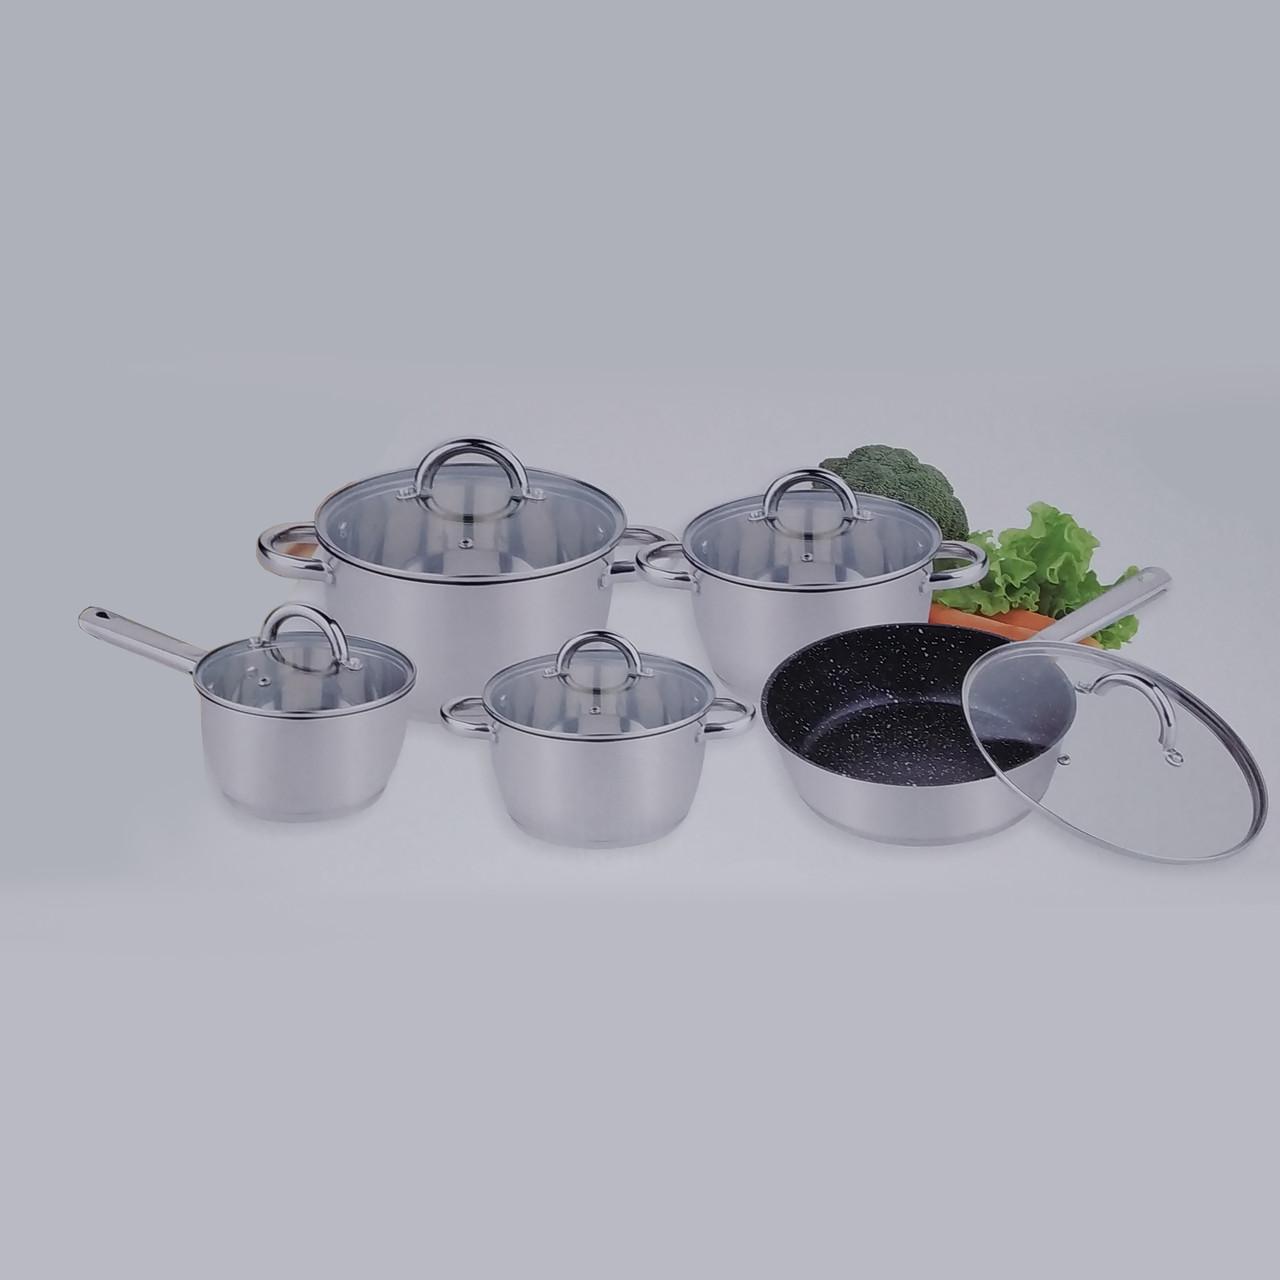 Стальной набор посуды 10 предметов Benson BN-291 с капсульным дном